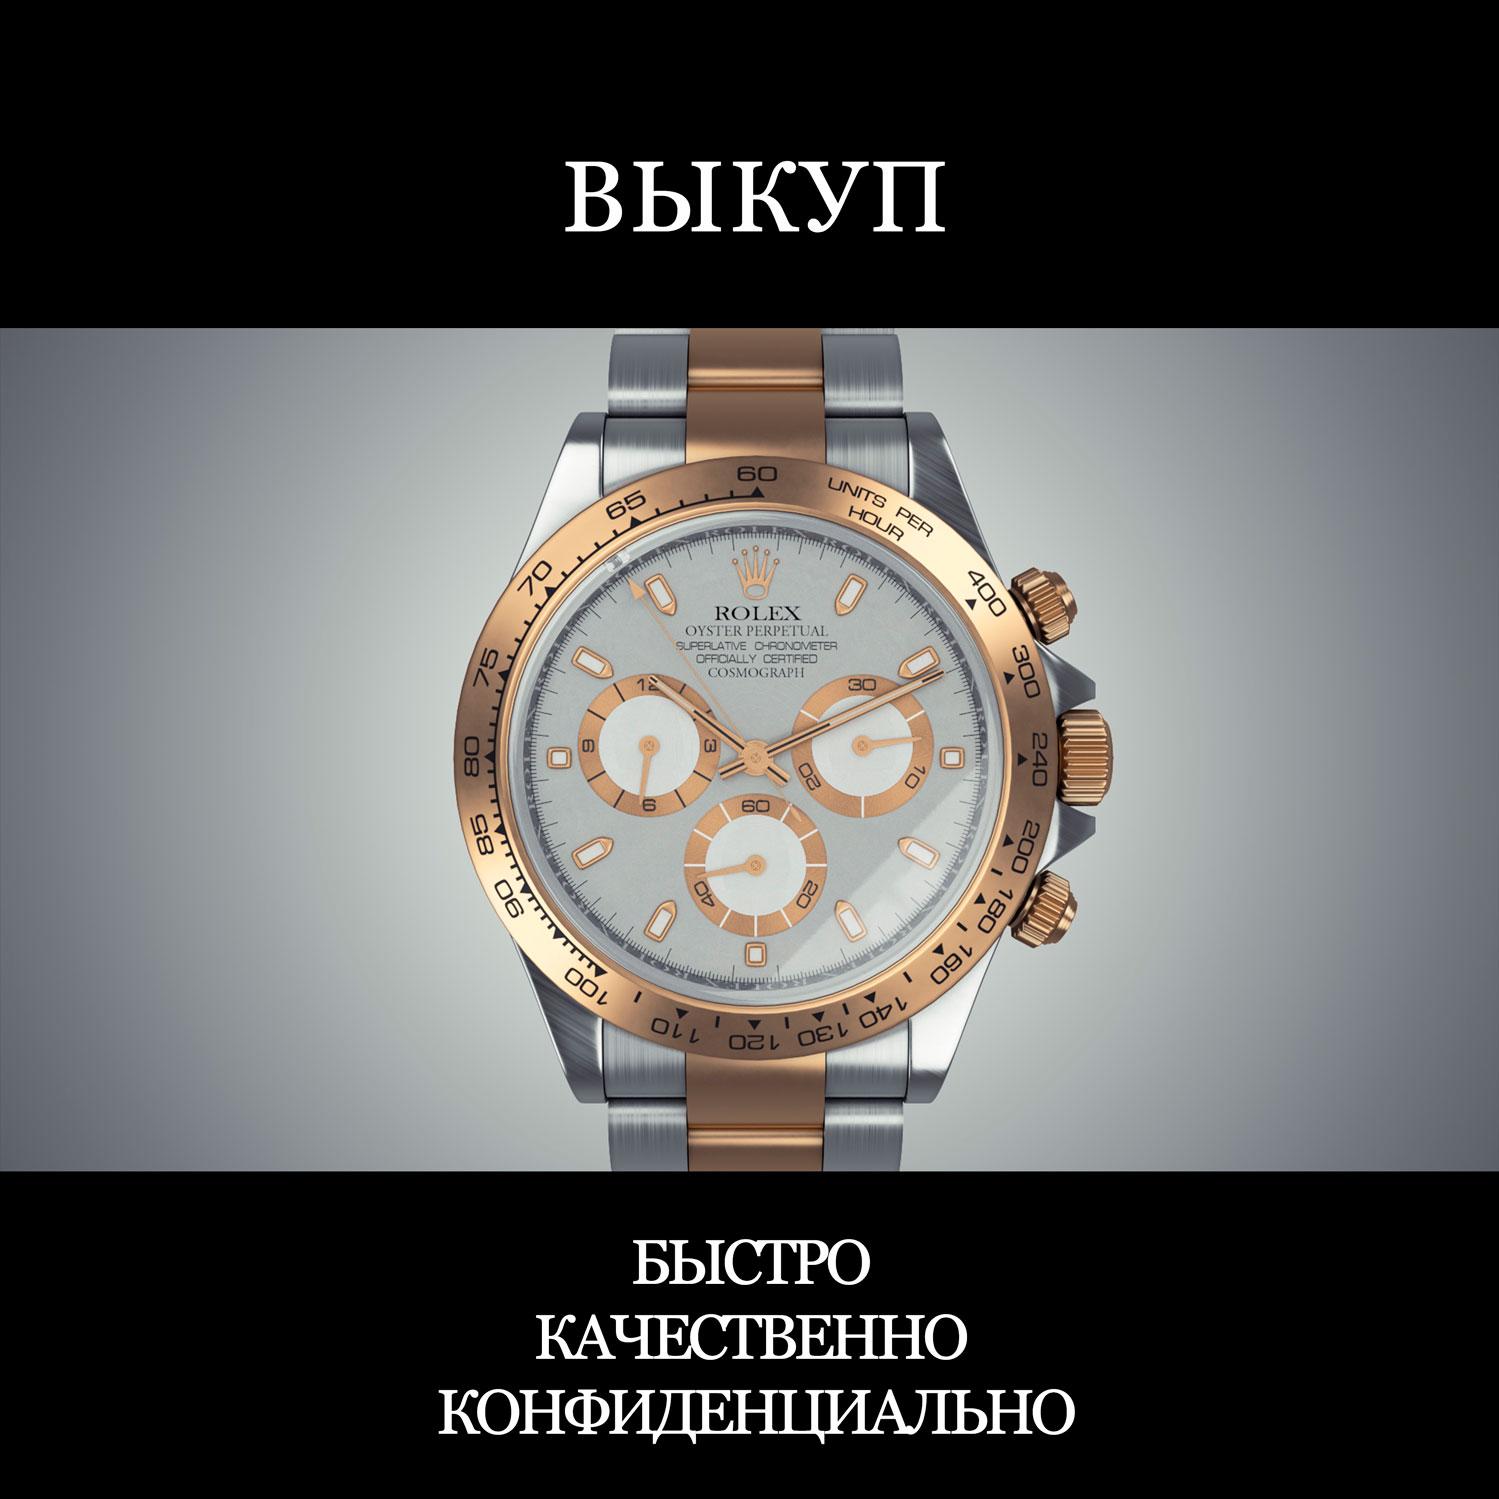 Лиговском на скупка часов продать киев часы командирские